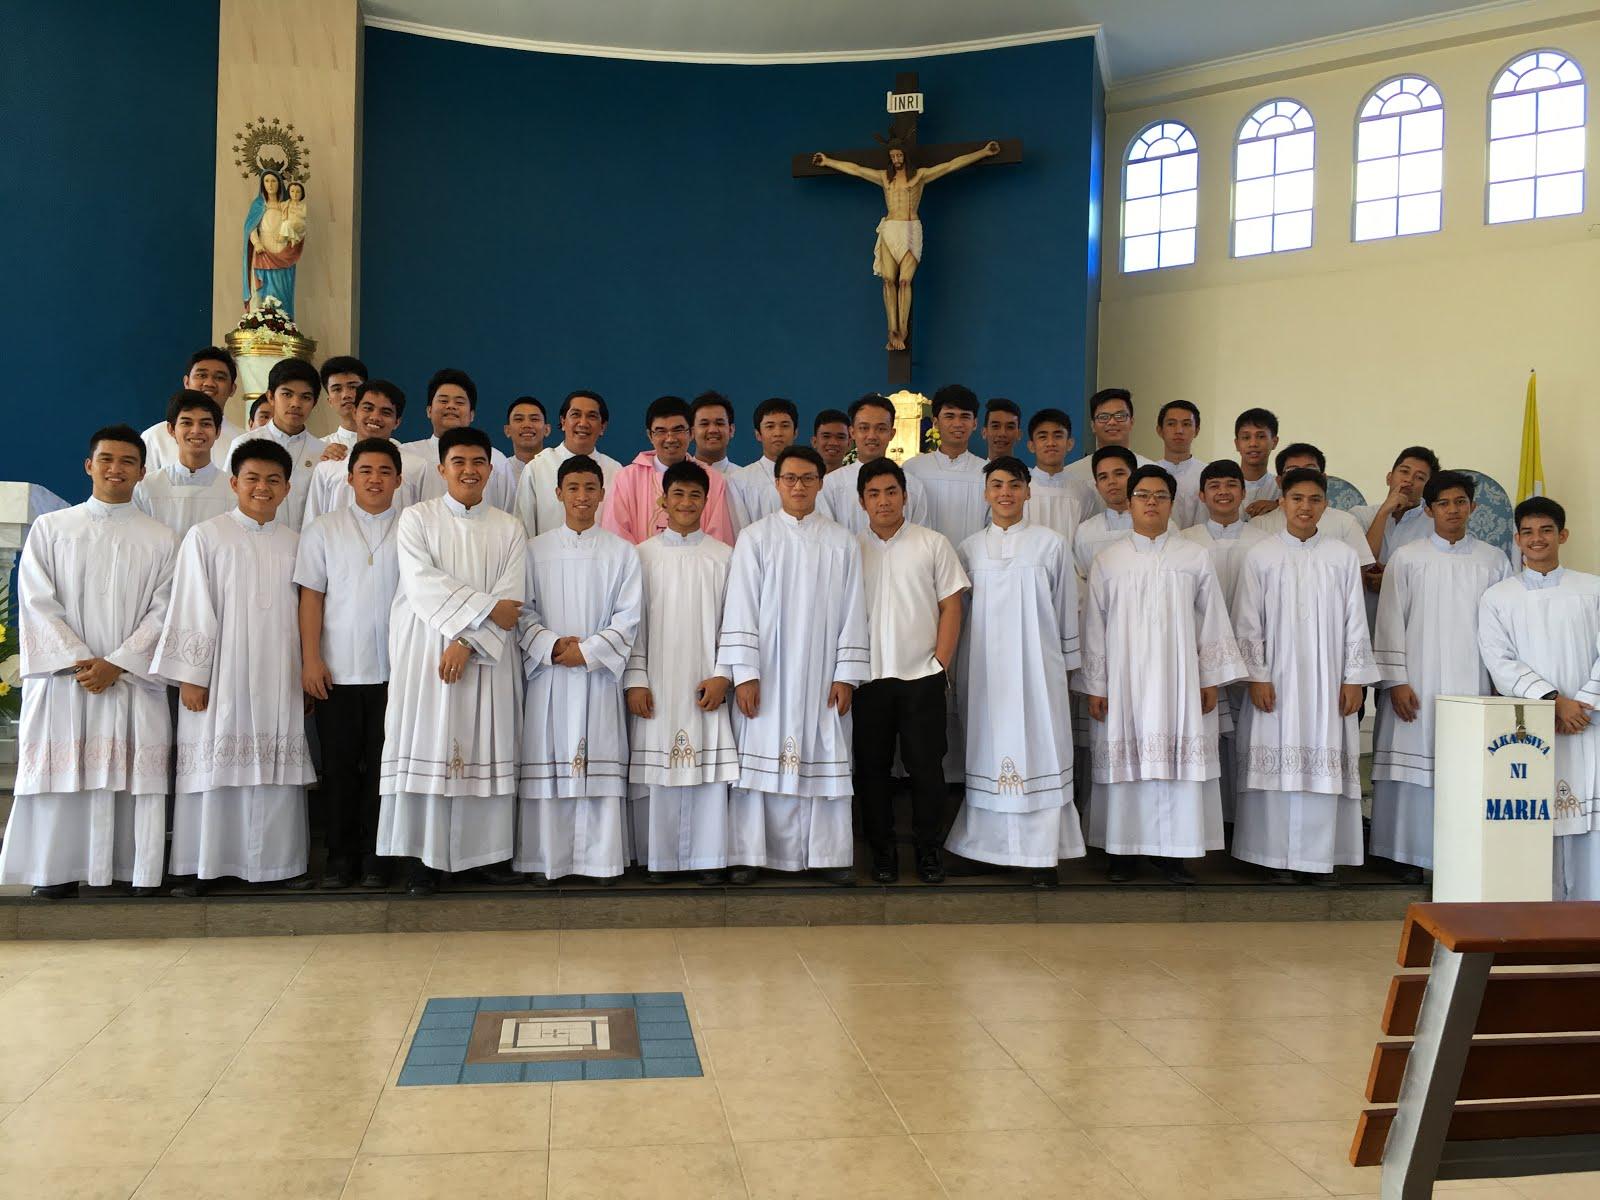 College Seminarians